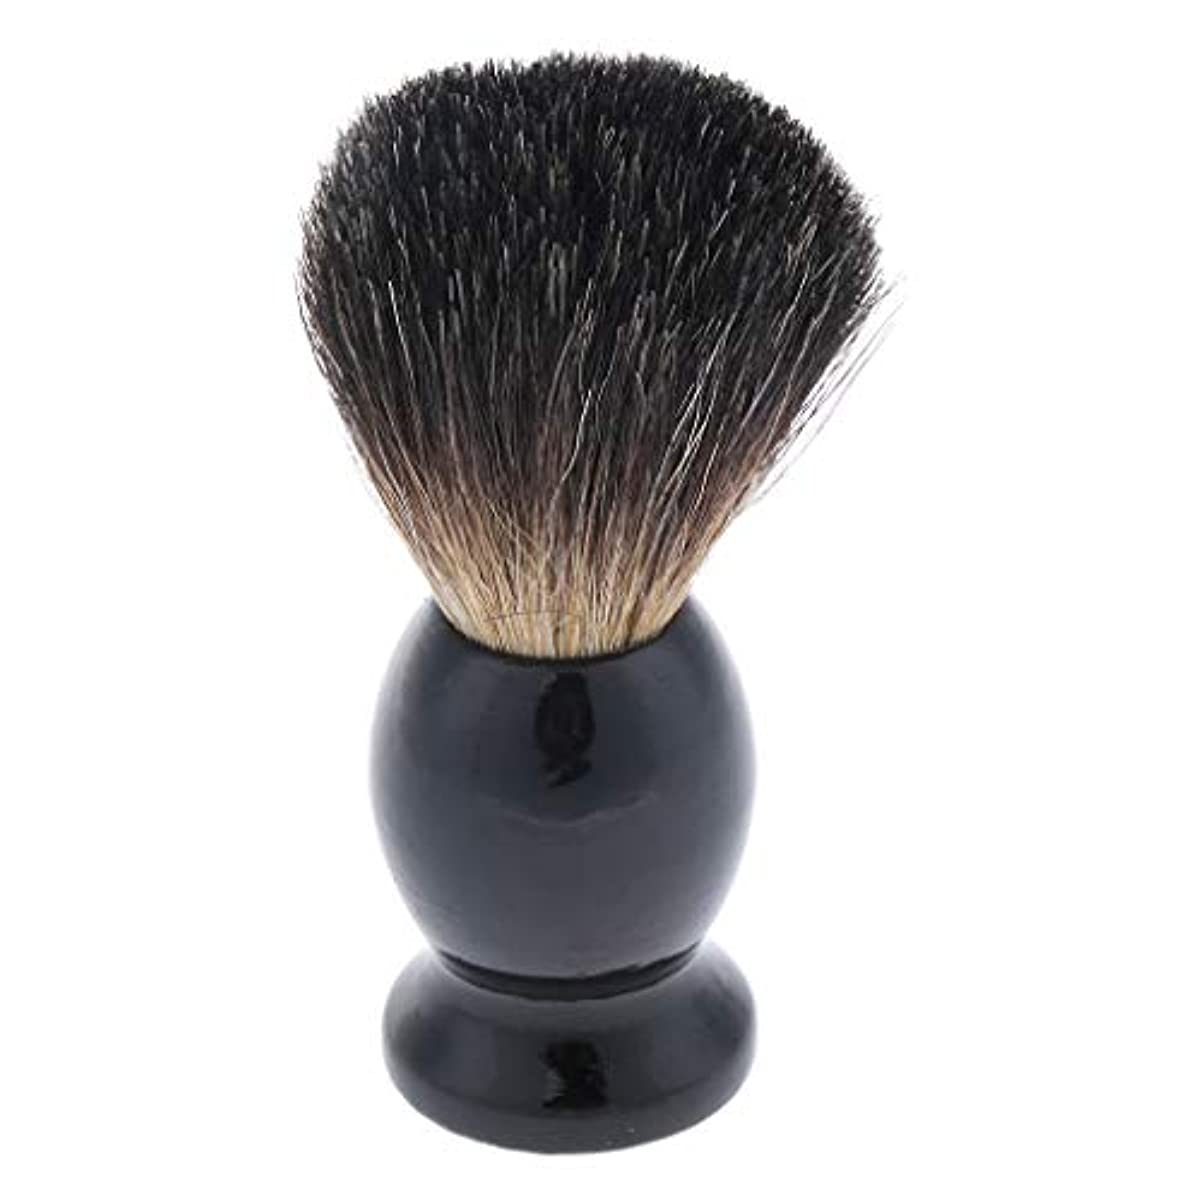 最少めまい通常シェービングブラシ メンズ ひげブラシ 髭剃りブラシ 木製ハンドル 泡立ち 理容